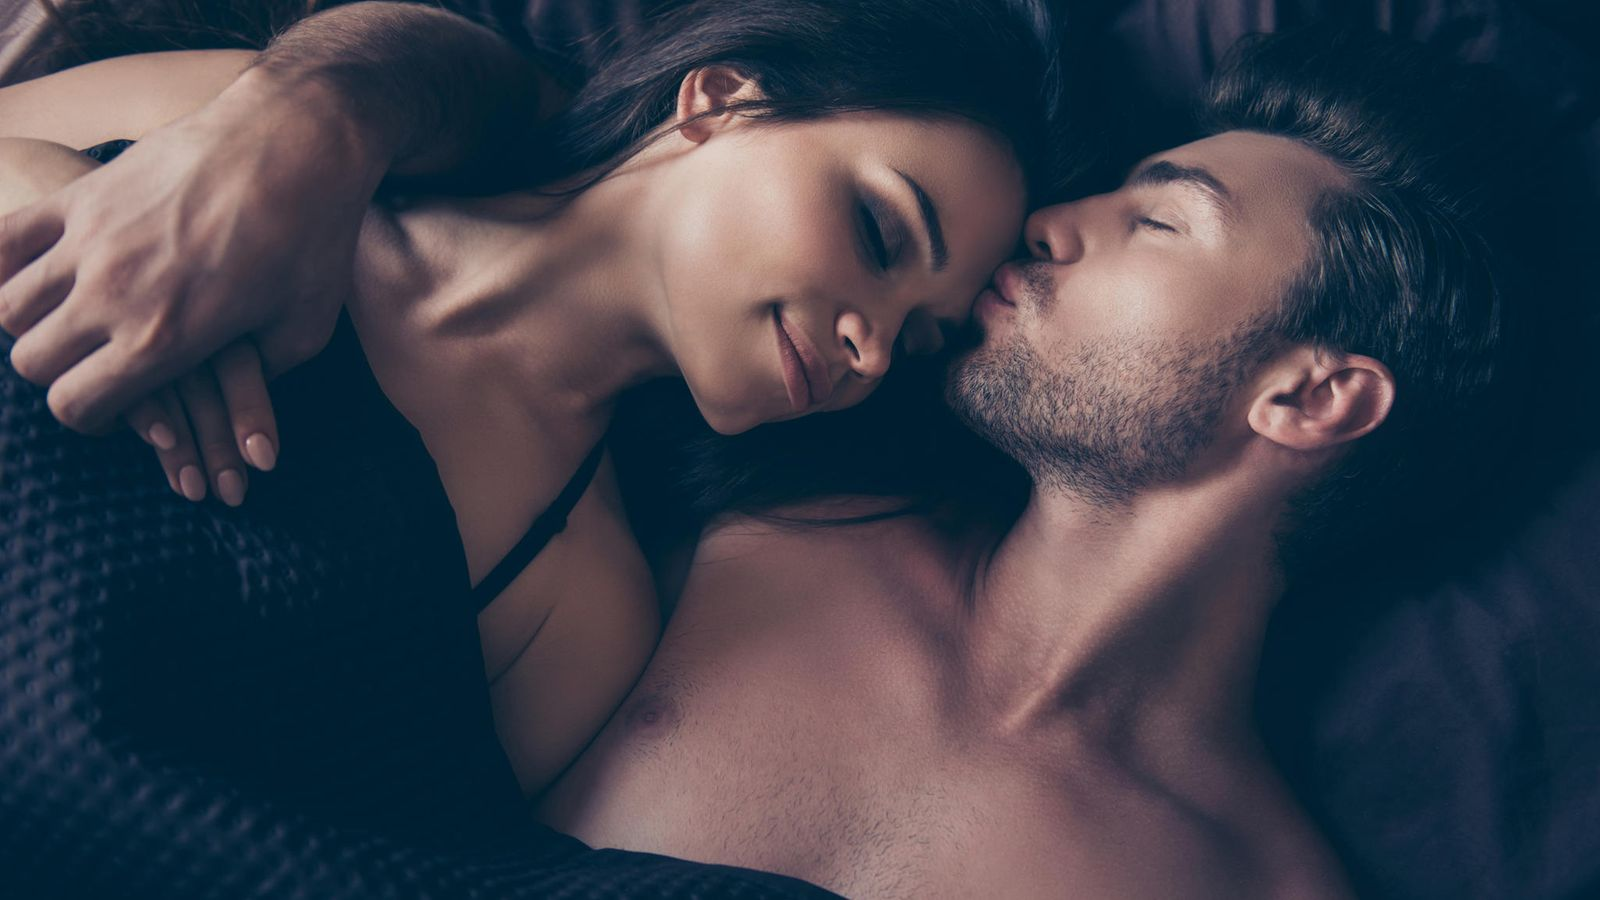 Haluan ruiskuttaa seksin aikana todellinen ankkuri orgioita